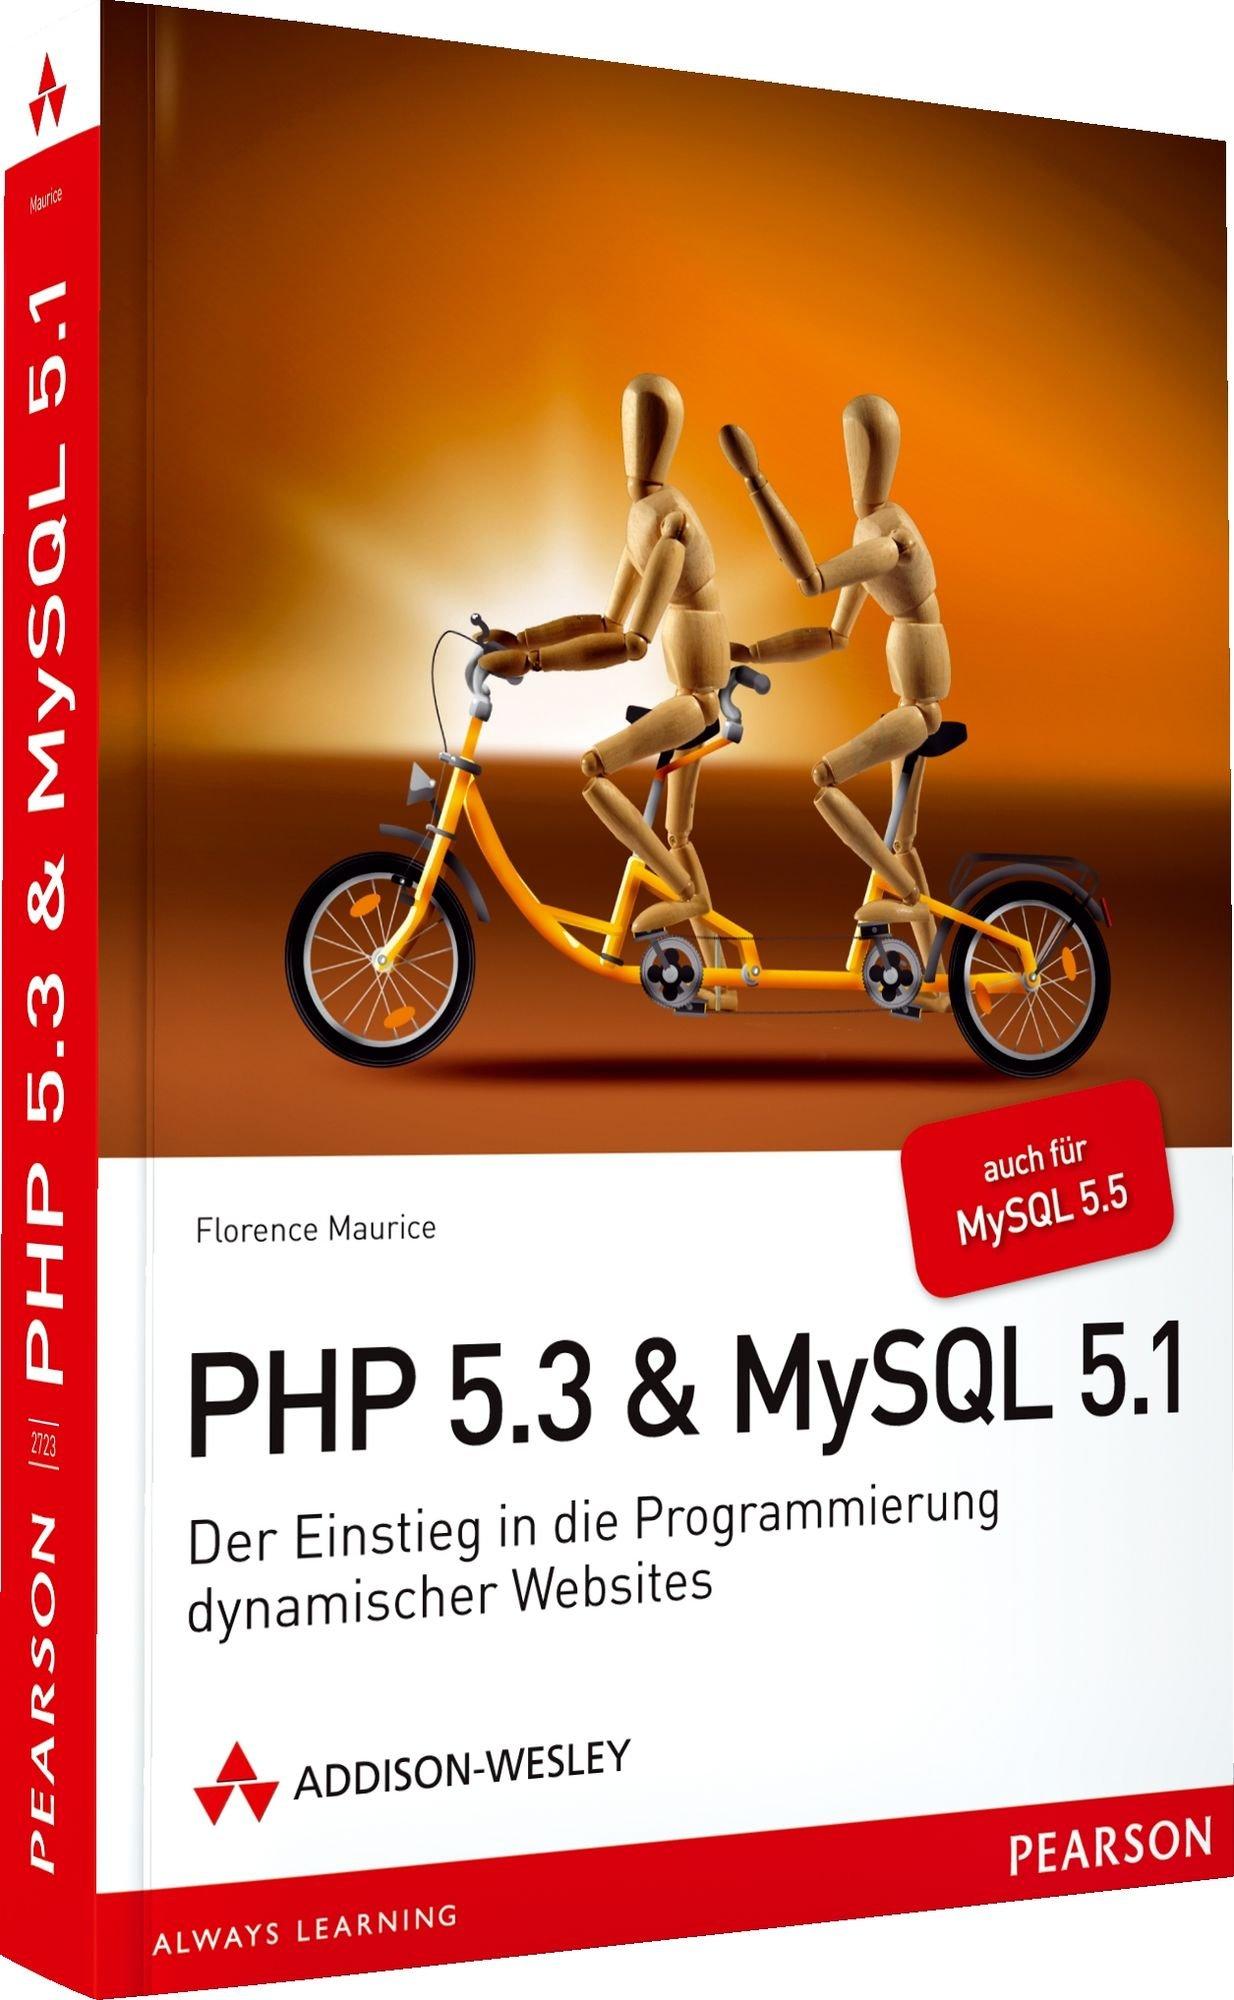 PHP 5.3 + MySQL 5.1 - Der Einstieg in die Programmierung dynamischer Websites (Open Source Library) Taschenbuch – 1. September 2009 Florence Maurice Addison-Wesley Verlag 3827327237 Programmiersprachen